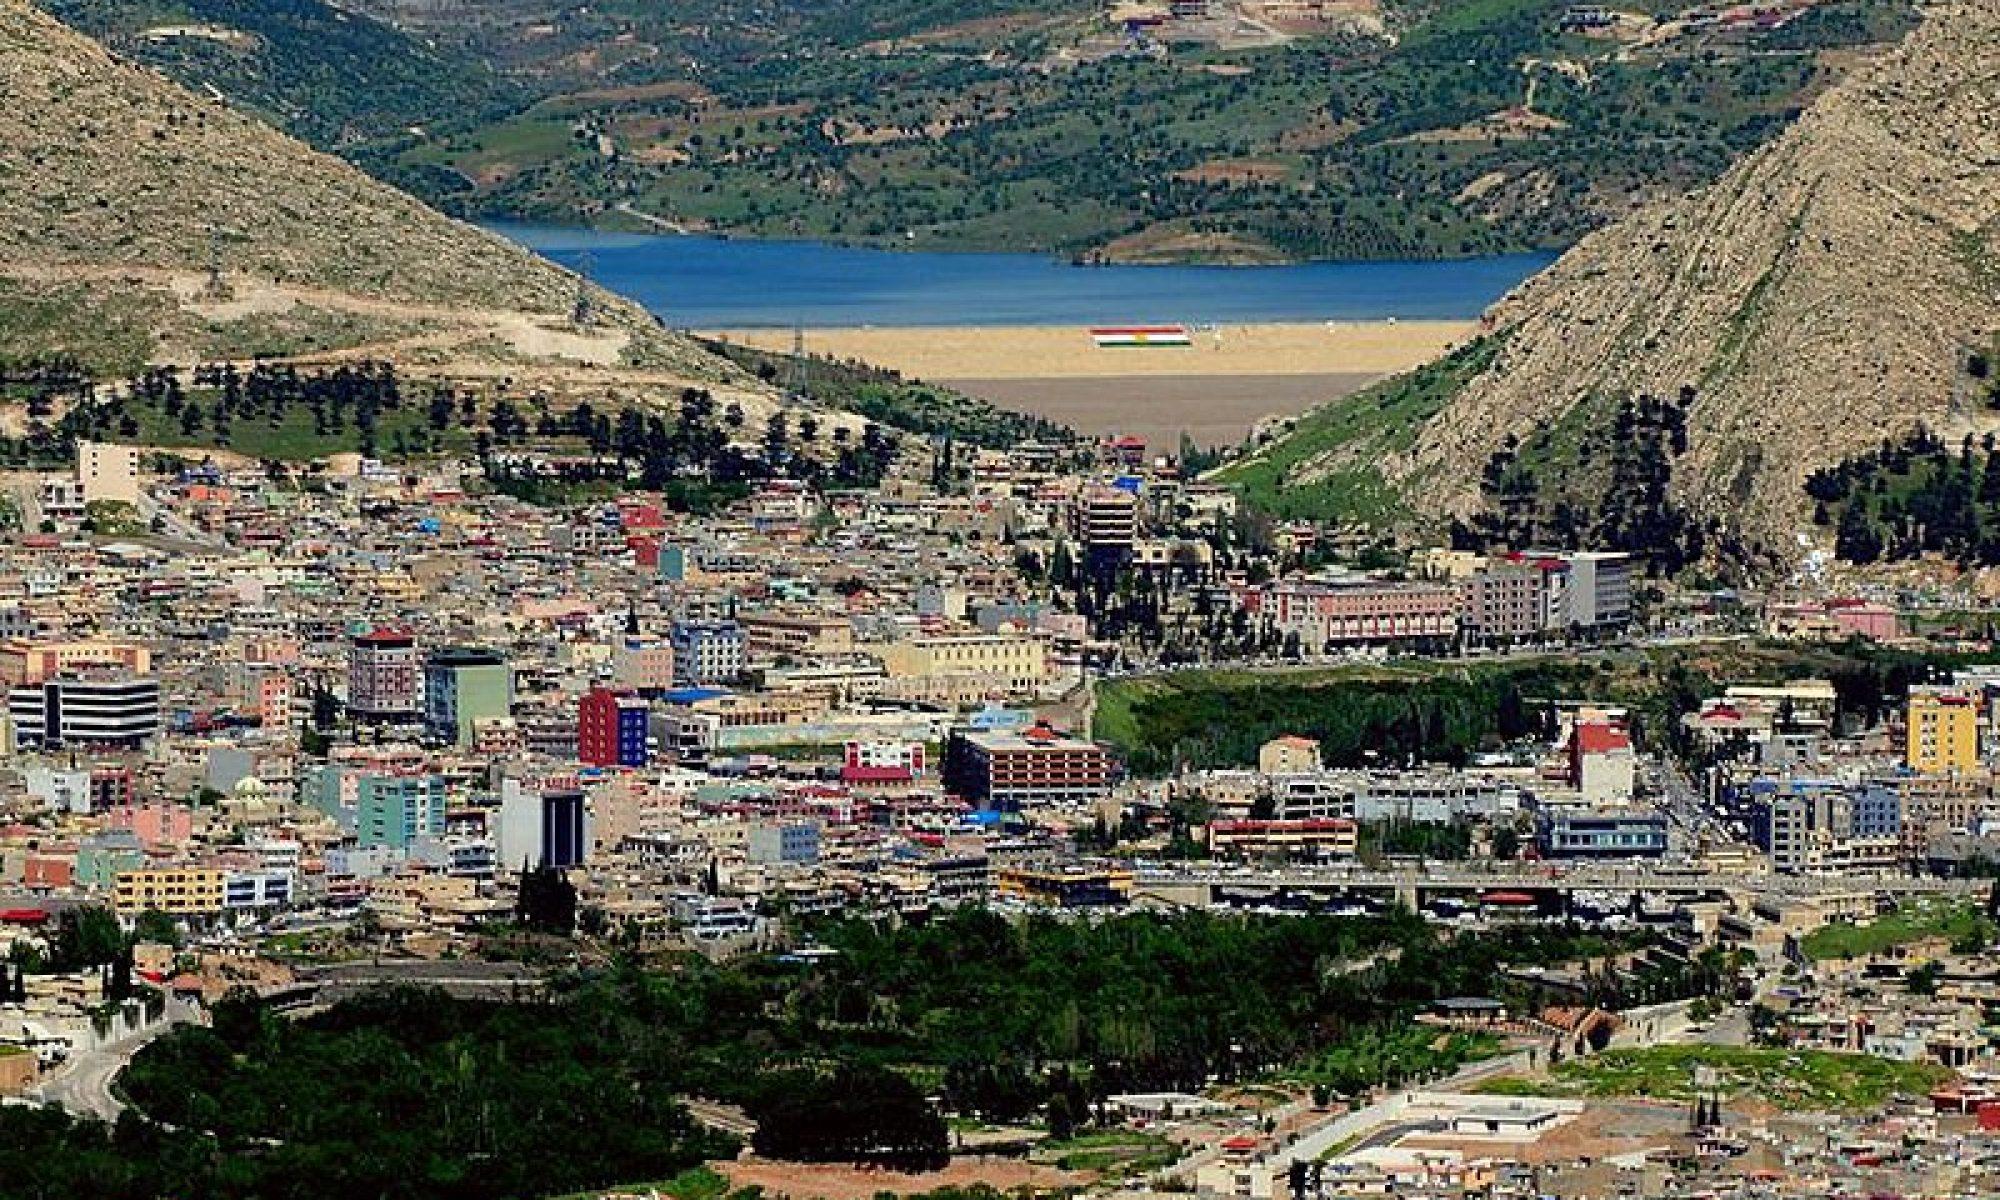 Duhok İl Meclisi yetkilisi: Duhok'a bağlı 275 köy PKK varlığı nedeni ile boşaltıldı